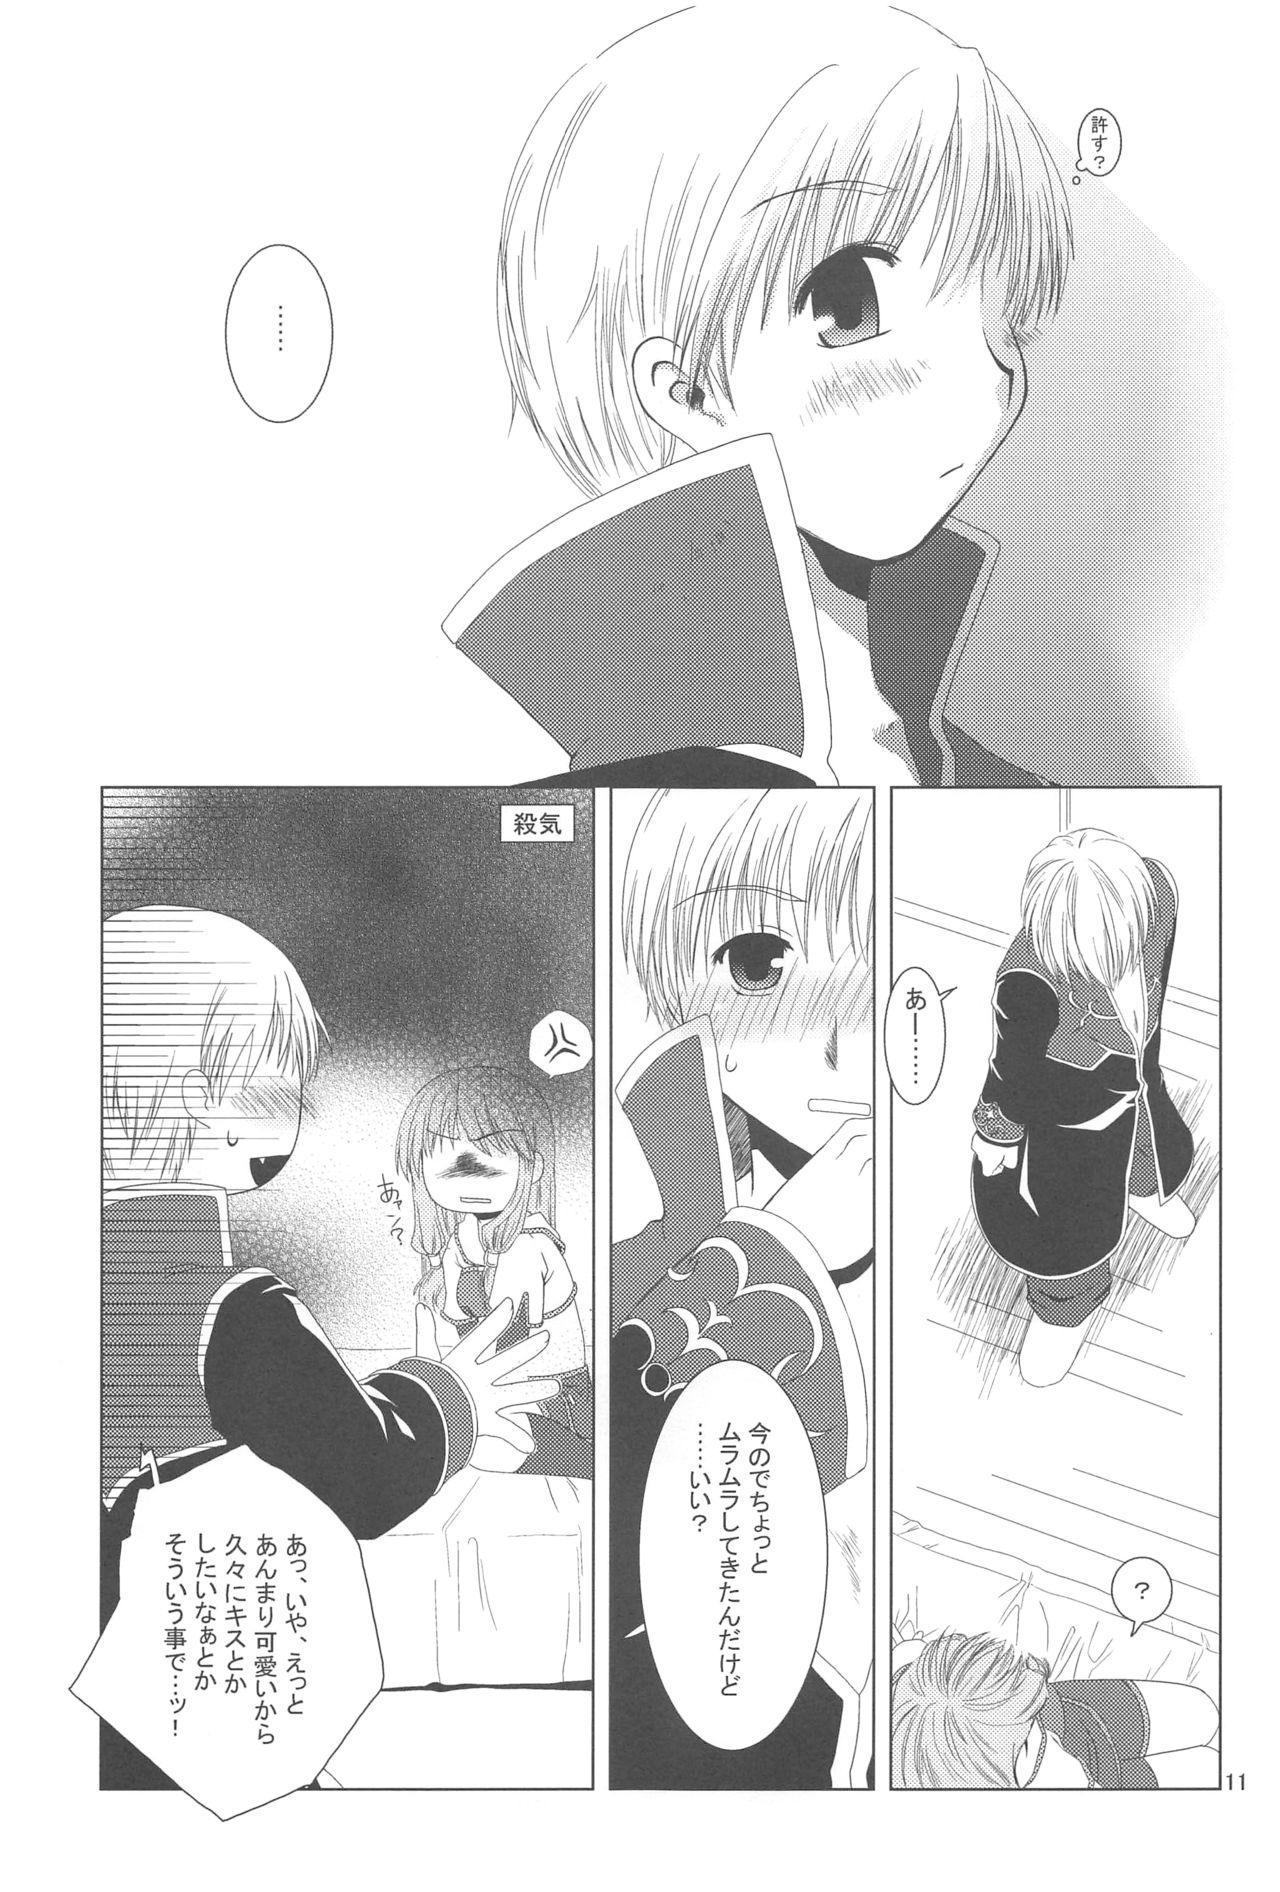 Quagmire no Chuushin de, Shuuchuuryoku Koujou to Sakebu 9